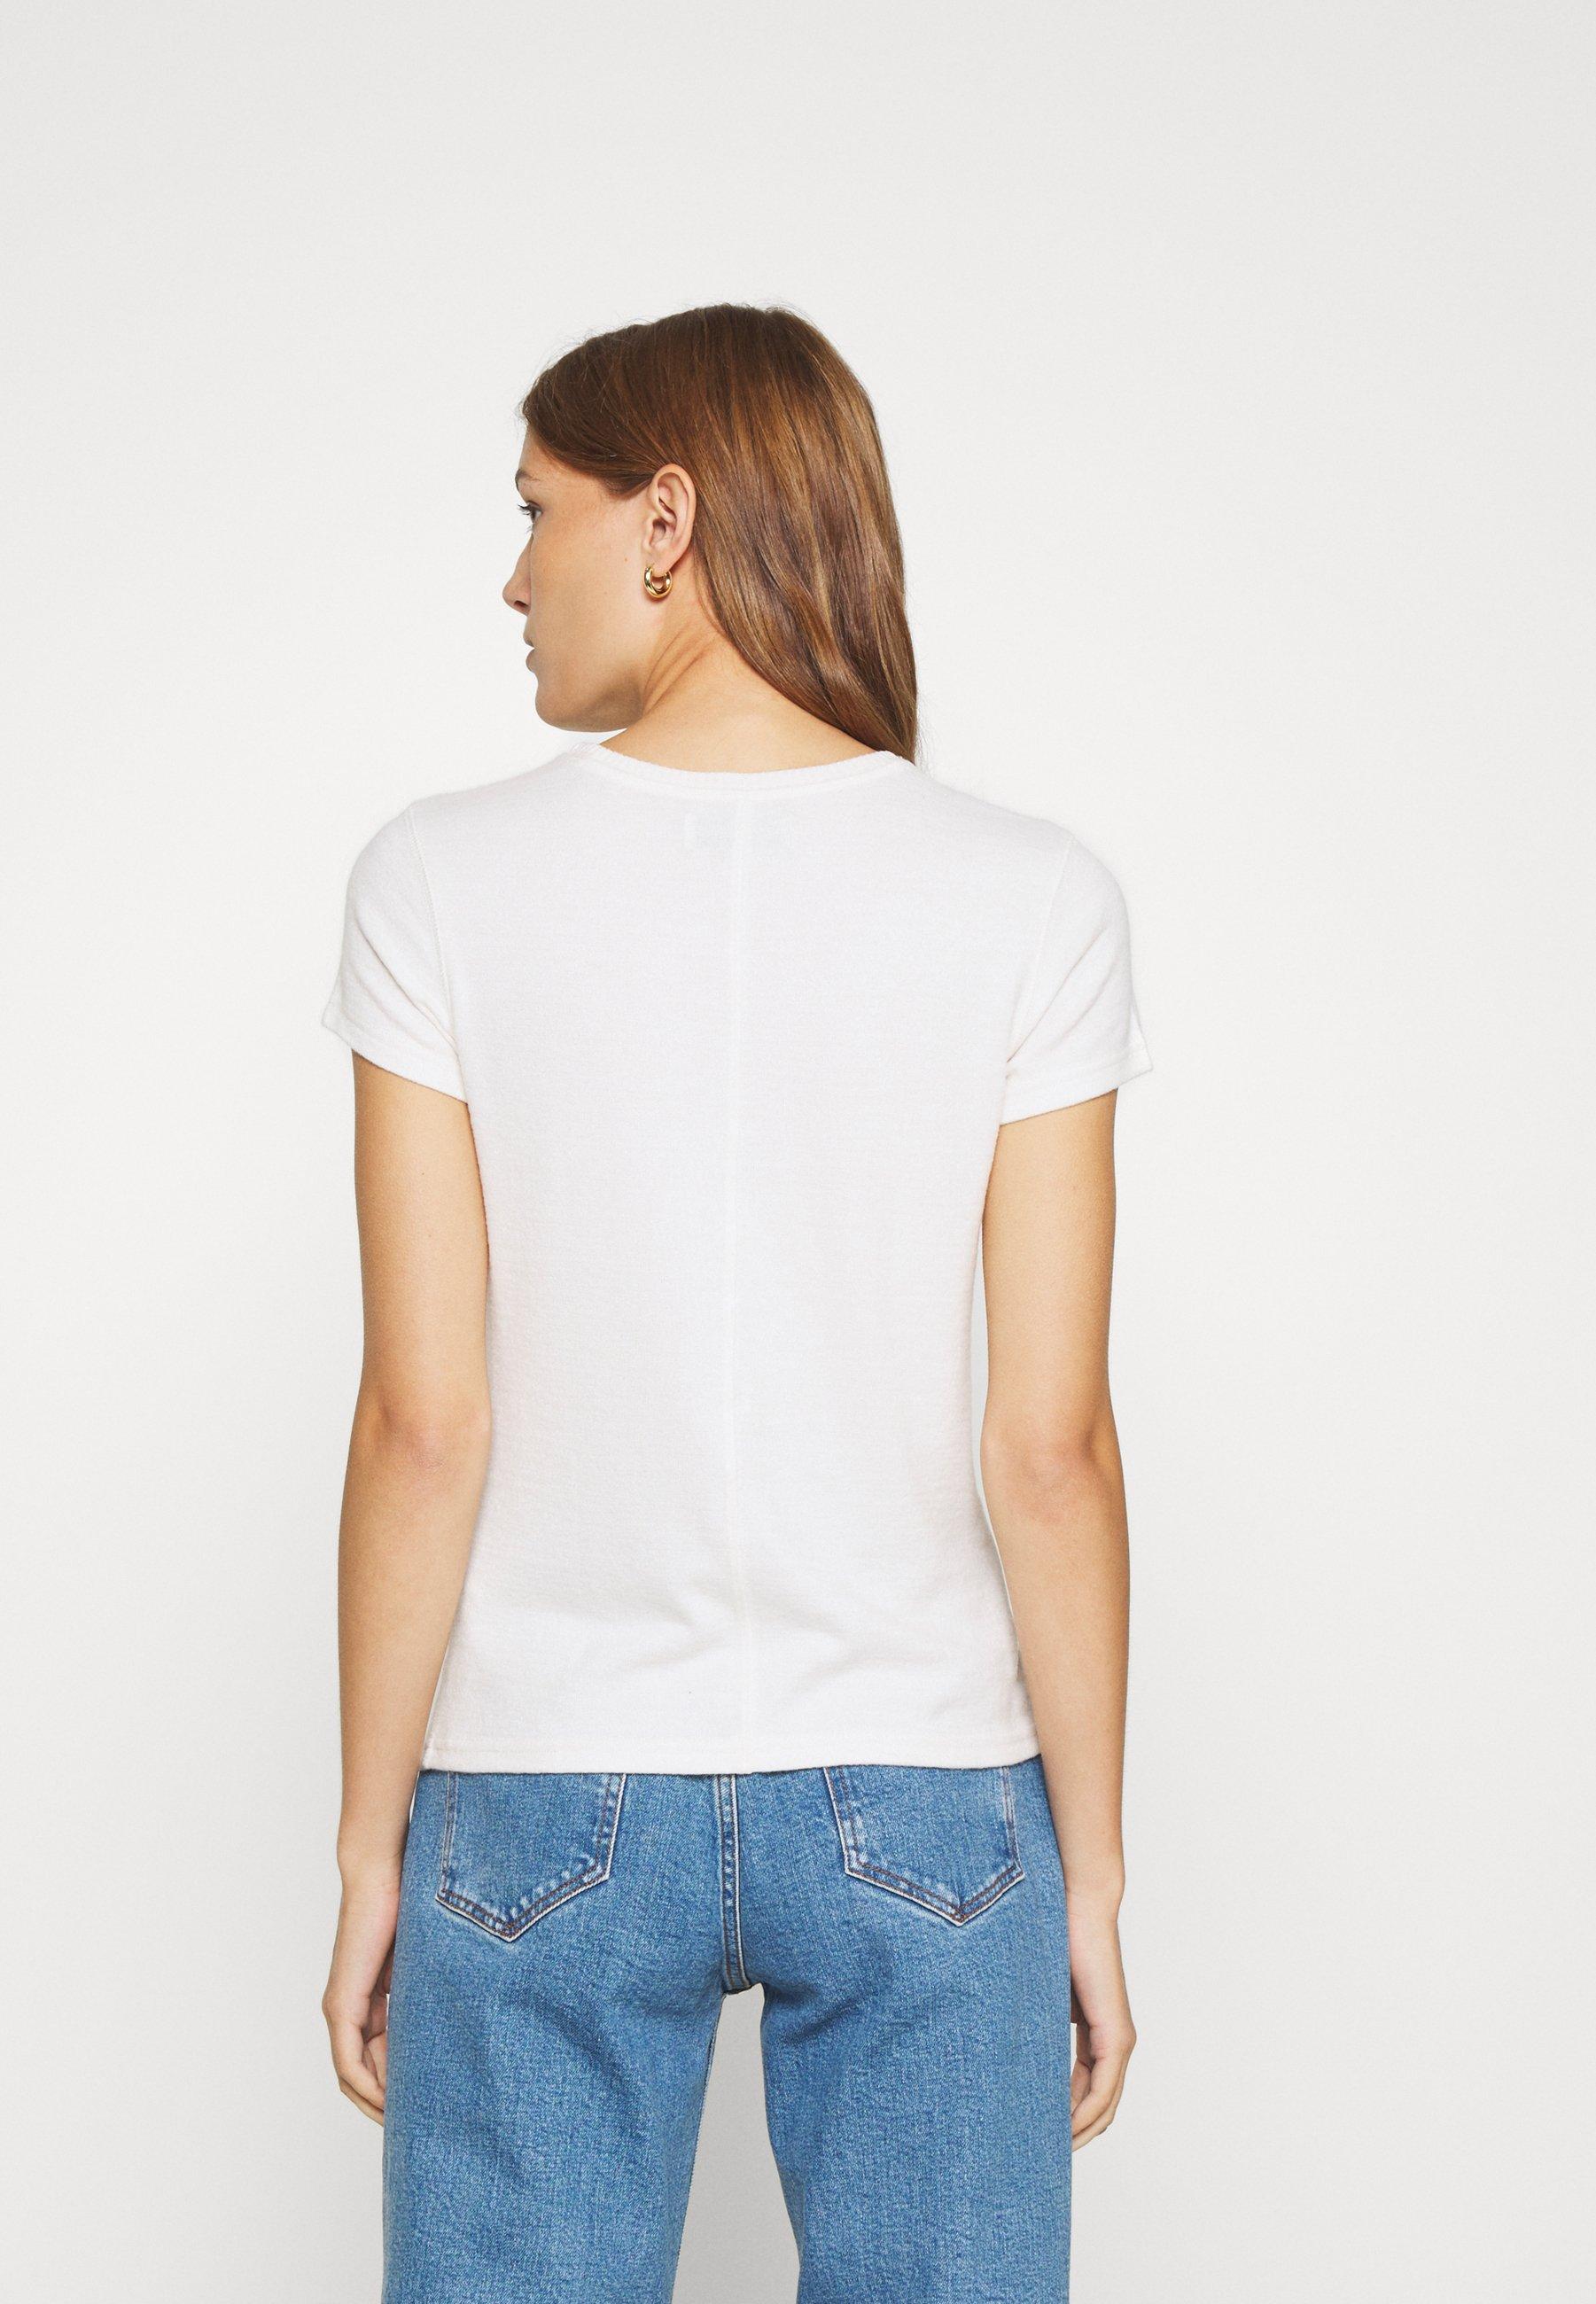 Abercrombie & Fitch LONG LIFE LOGO - T-shirt con stampa - white - Abbigliamento da donna Sbrigati